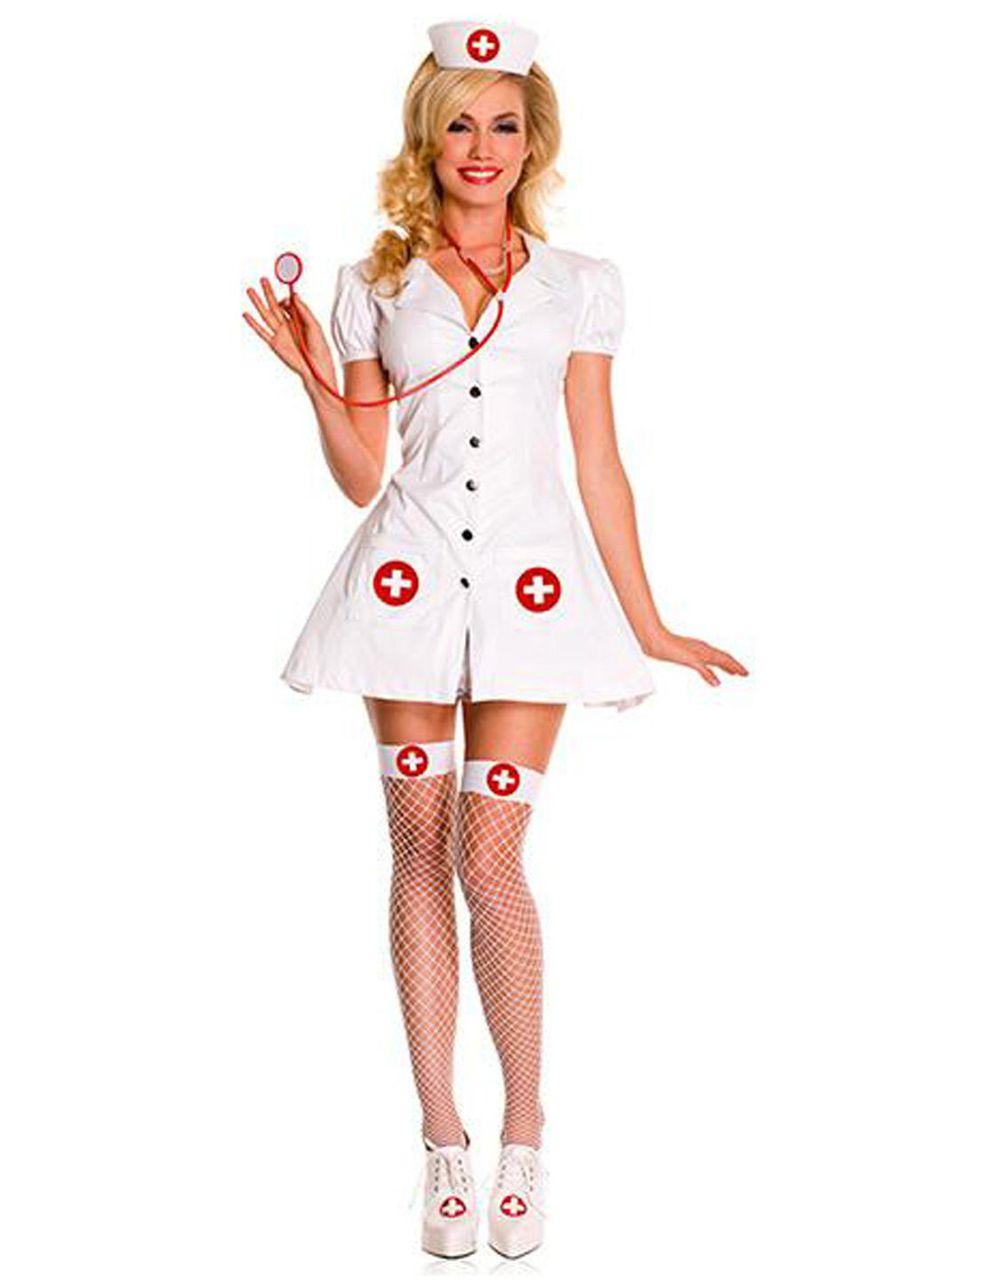 Новогодний костюм медсестры для женщины своими руками